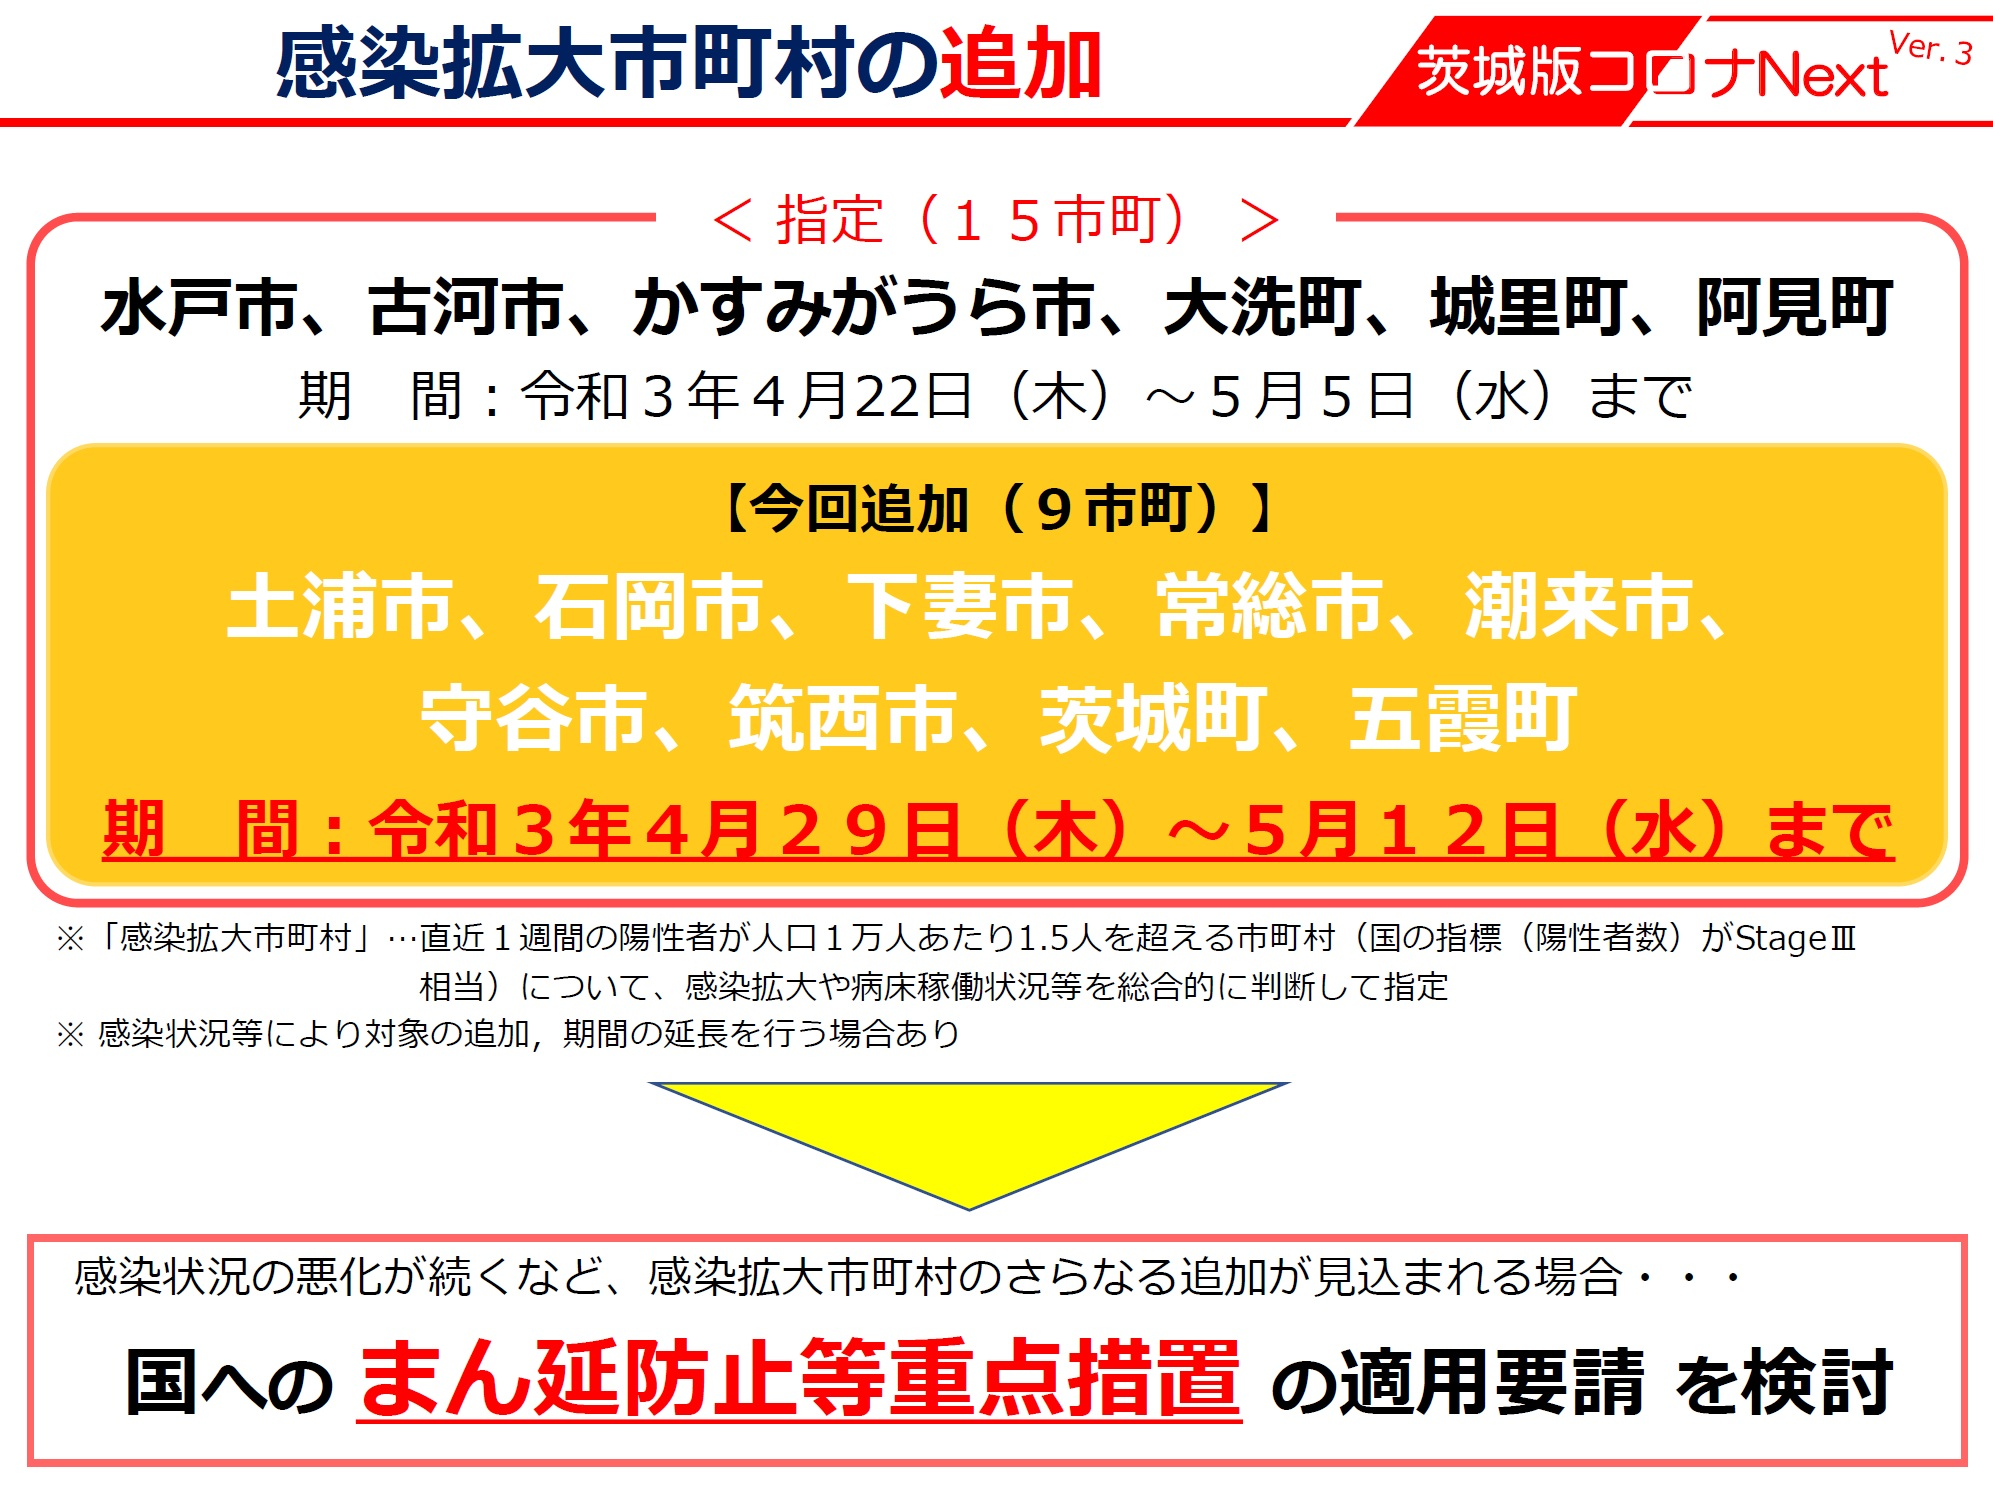 土浦市が感染拡大市町村に指定されましたpage-visual 土浦市が感染拡大市町村に指定されましたビジュアル